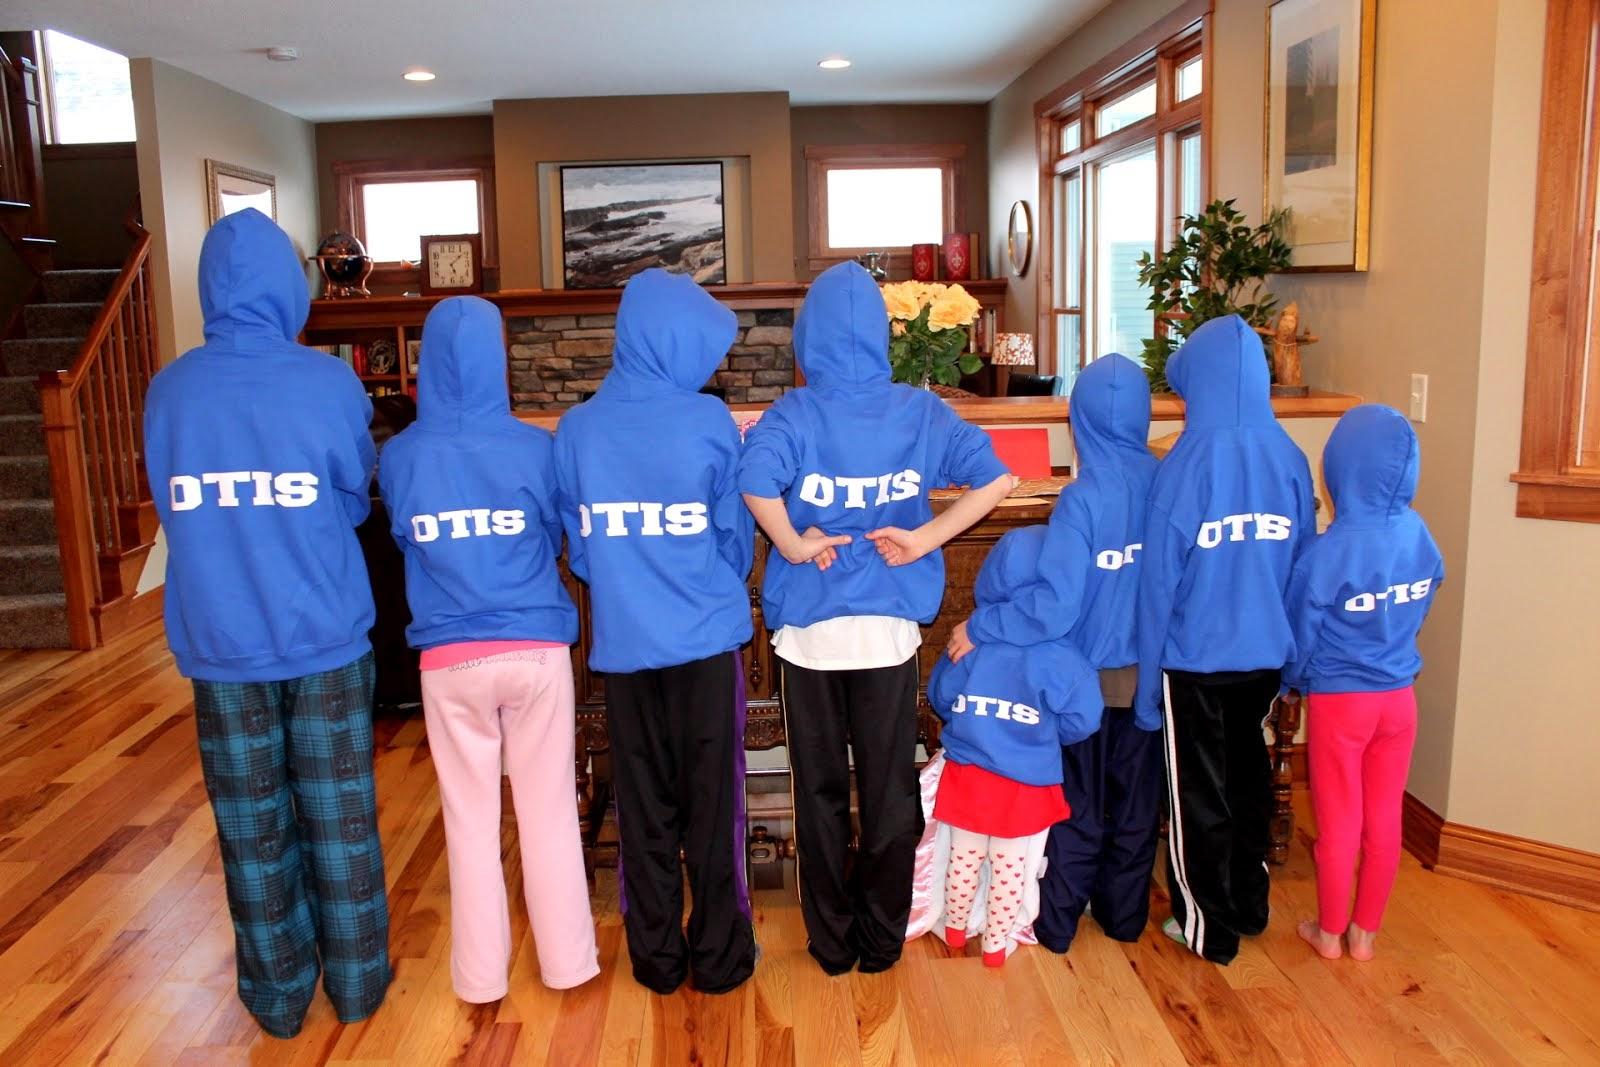 Otis Kids Hoodies